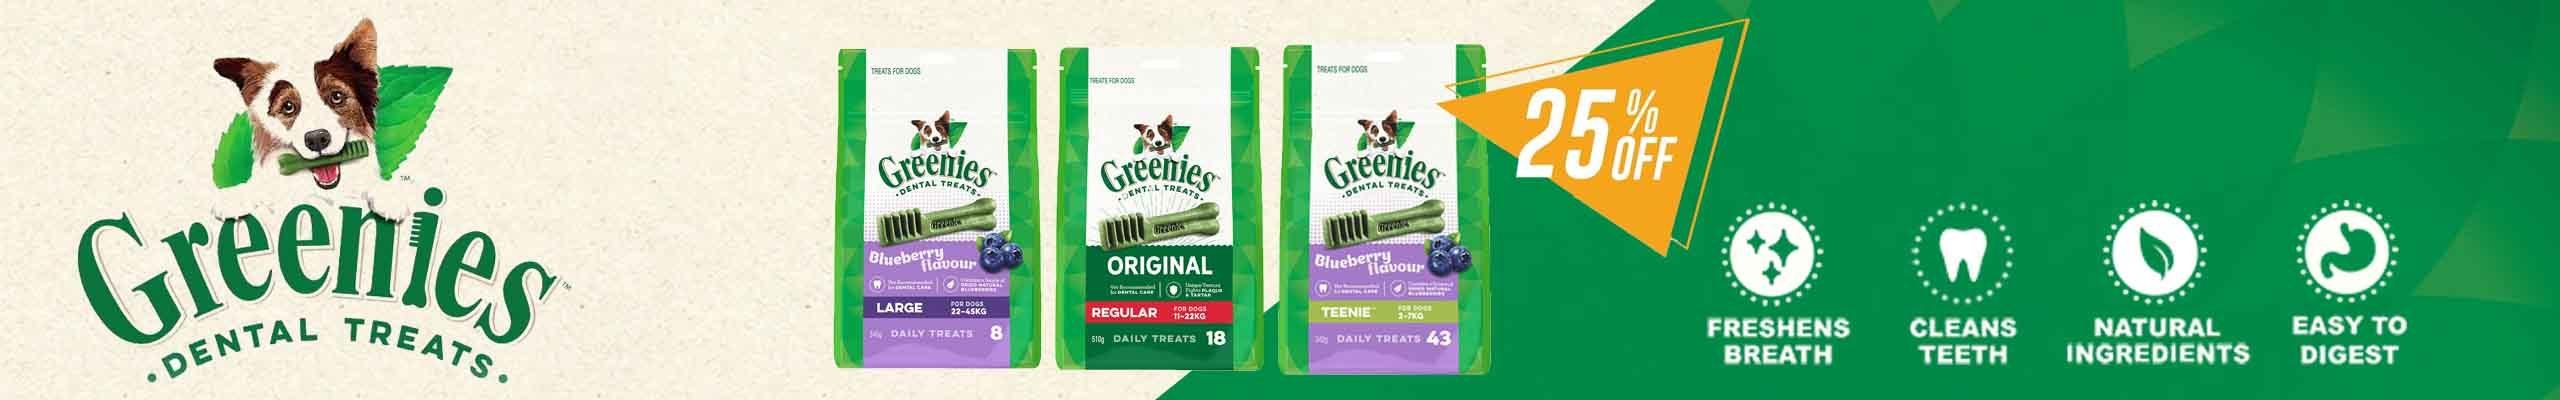 Greenies_strip ad